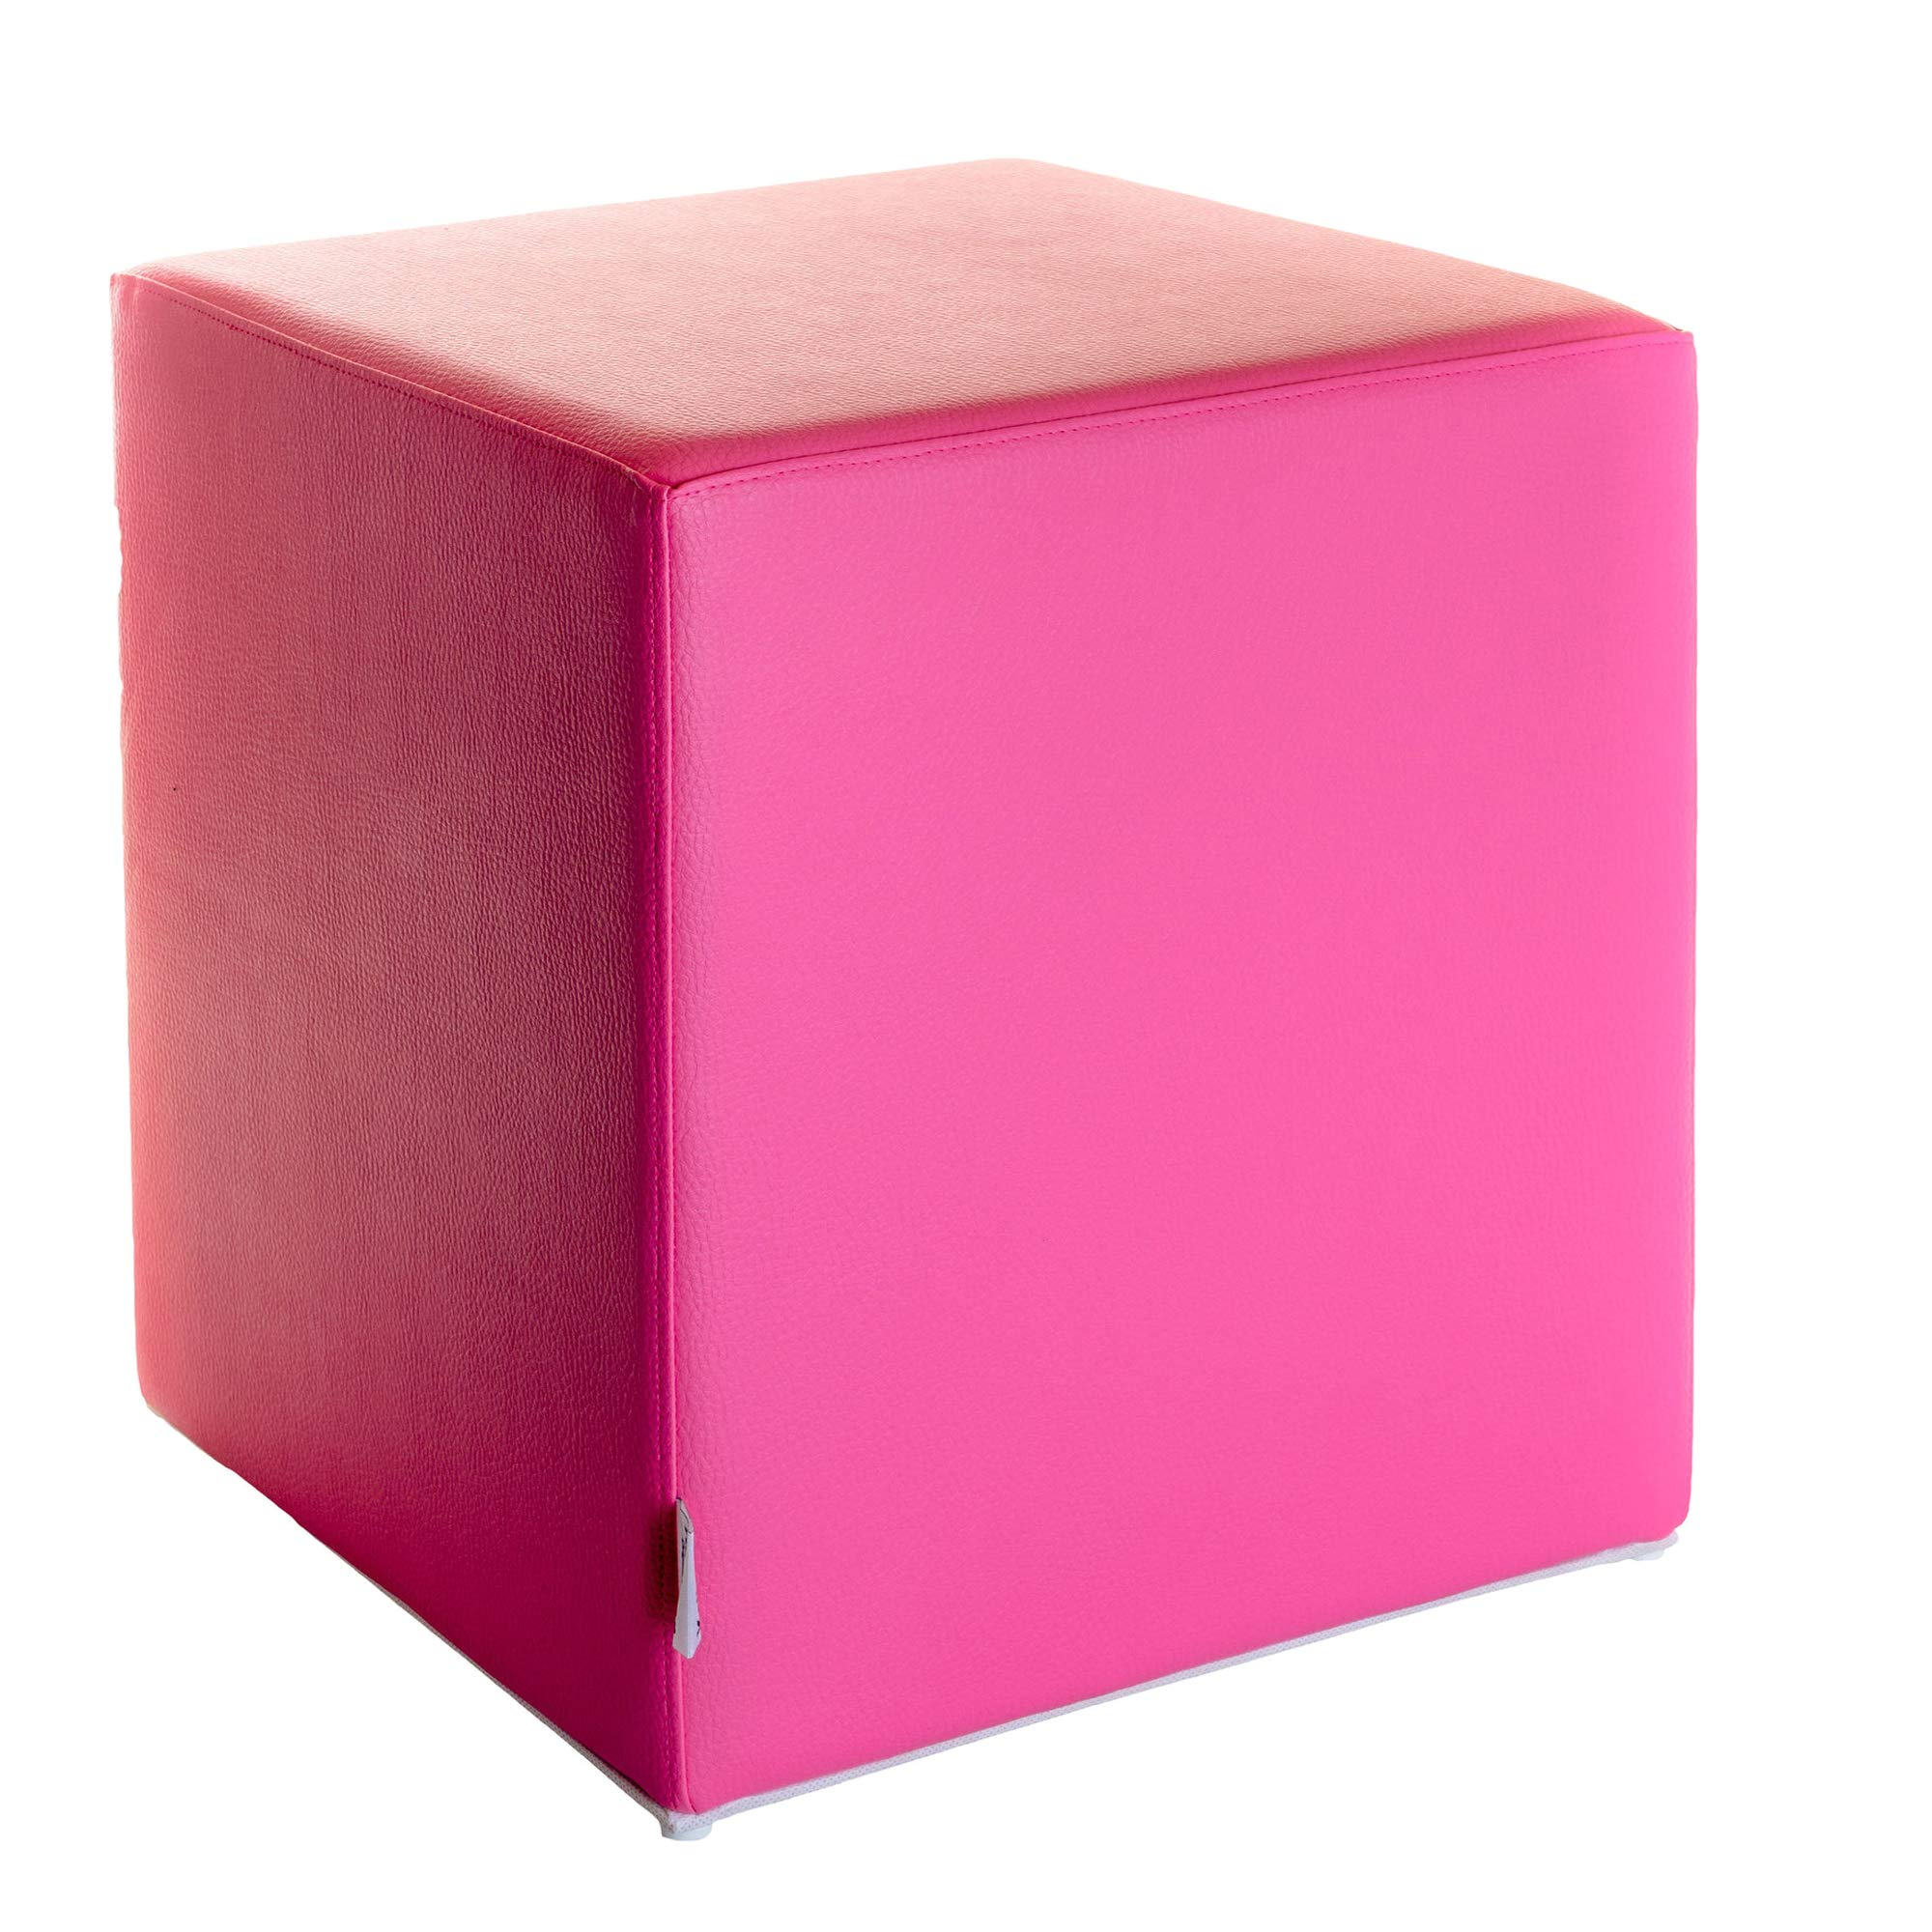 Siège cube cube Imprimé Paris Noir et Blanc France 35 cm x 35 cm x 42 cm KAI